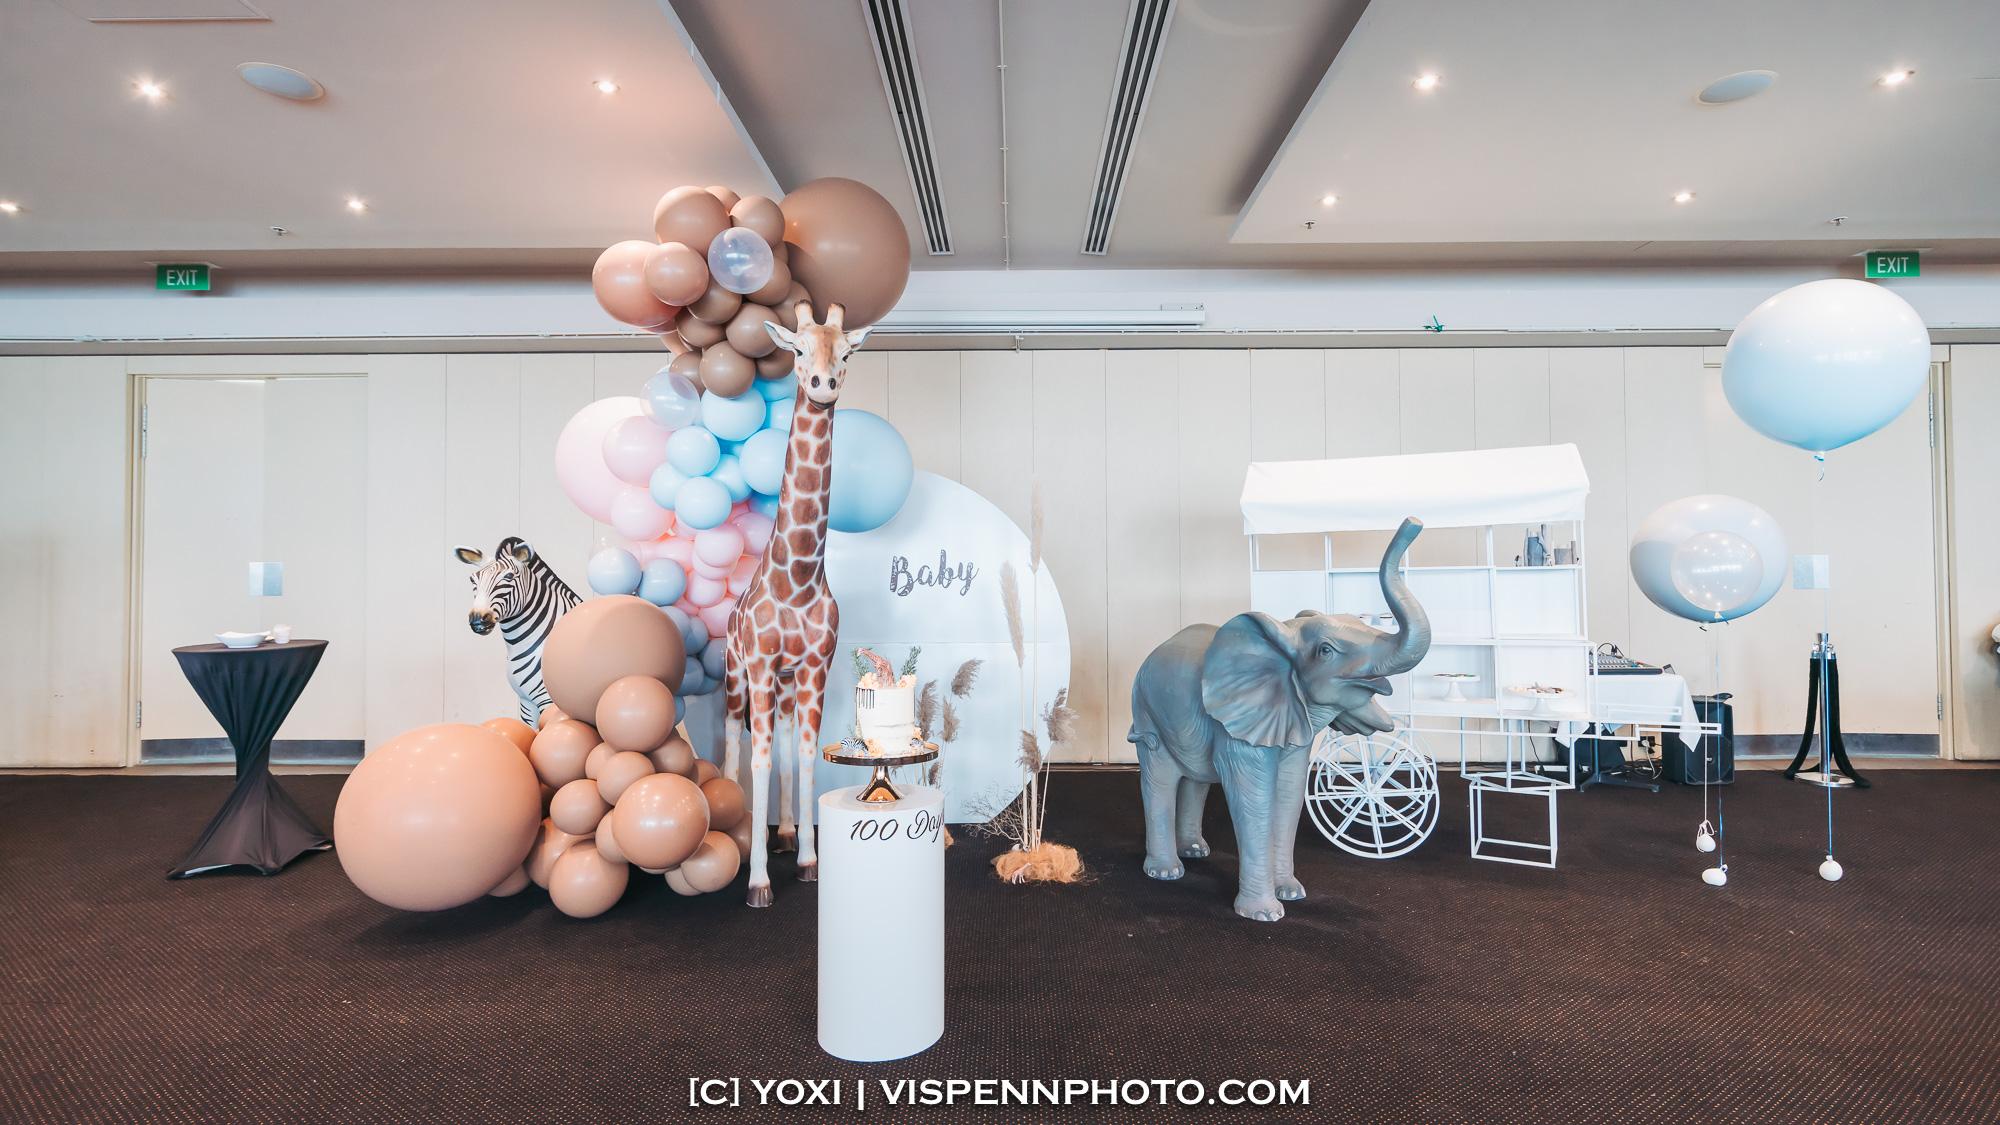 Melbourne Baby Family Birthday Party Photographer 墨尔本 百日宴 满月宴 周岁宴 摄影 VISPENN VISPENN 0297